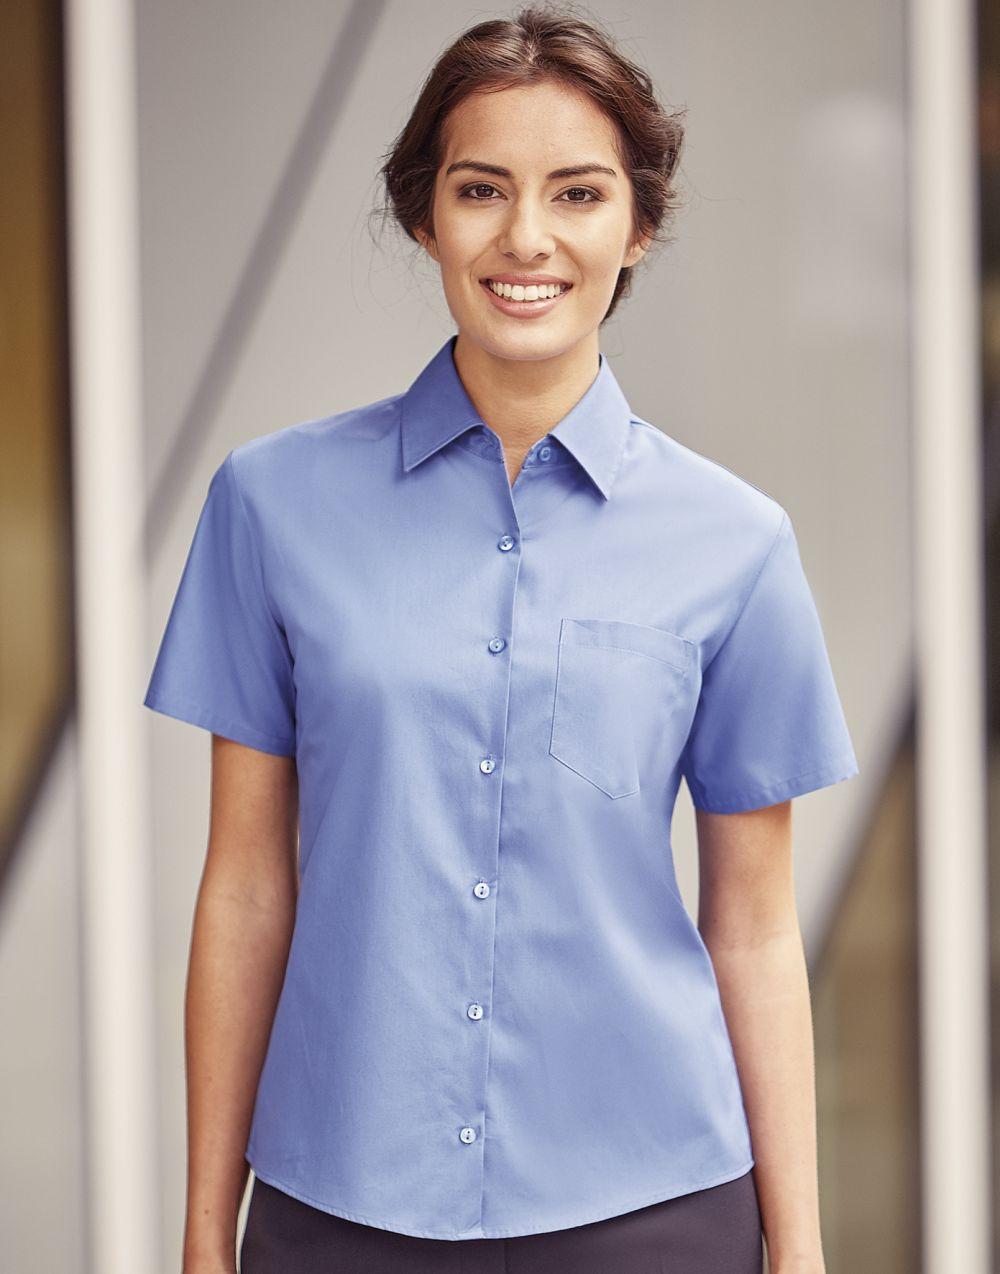 Camisas manga corta russell popelin mujer con impresión vista 1